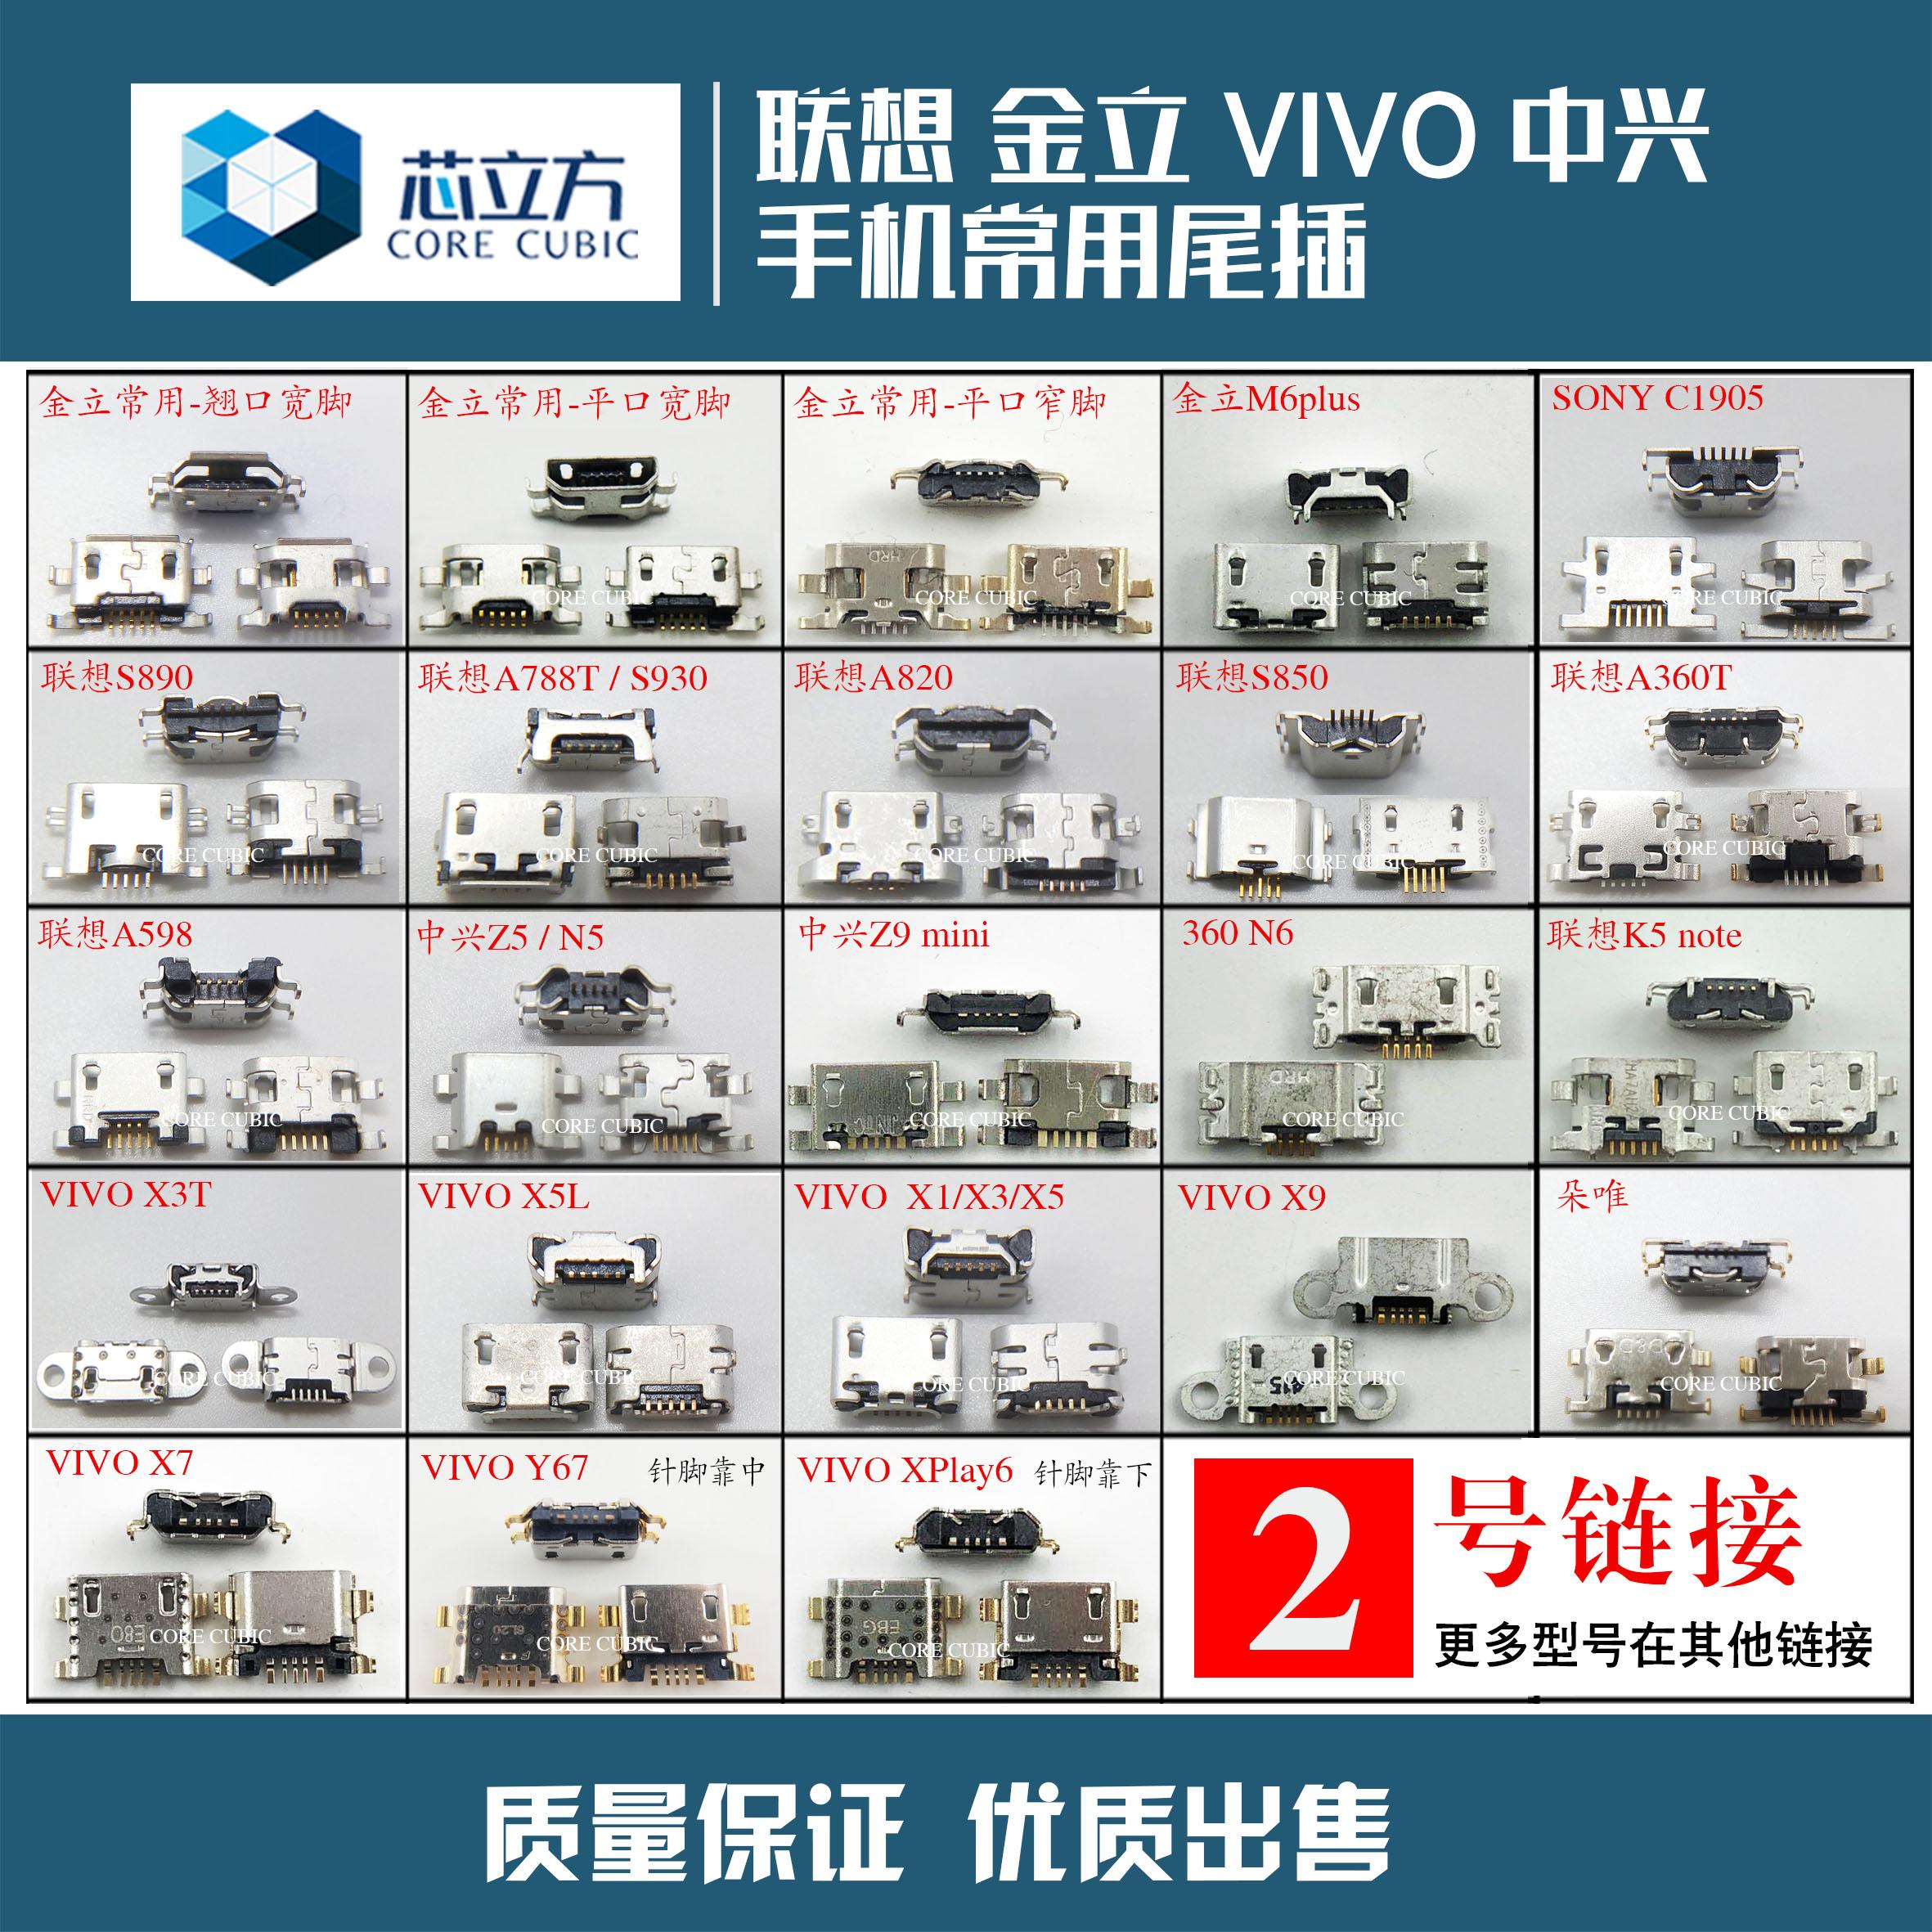 适用联想vivo金立中兴360国产常用手机v8尾插安卓接口配件大全